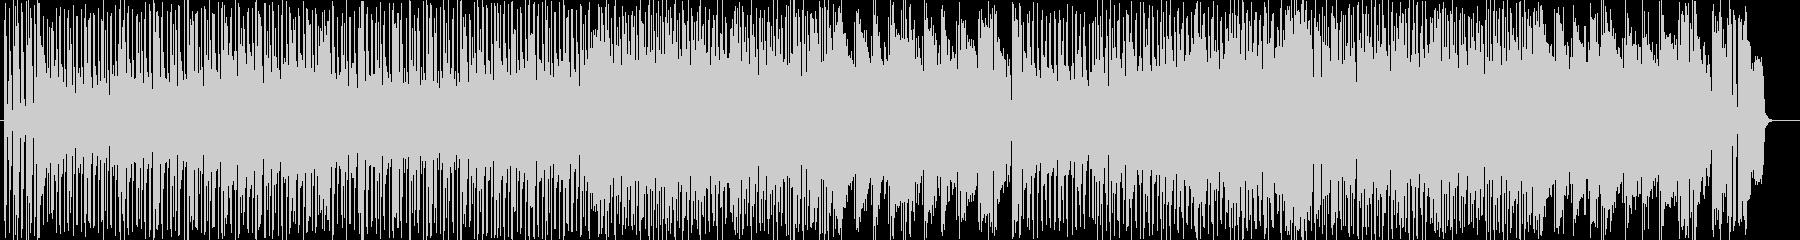 躍動感のあるシンセサイザーサウンドの未再生の波形